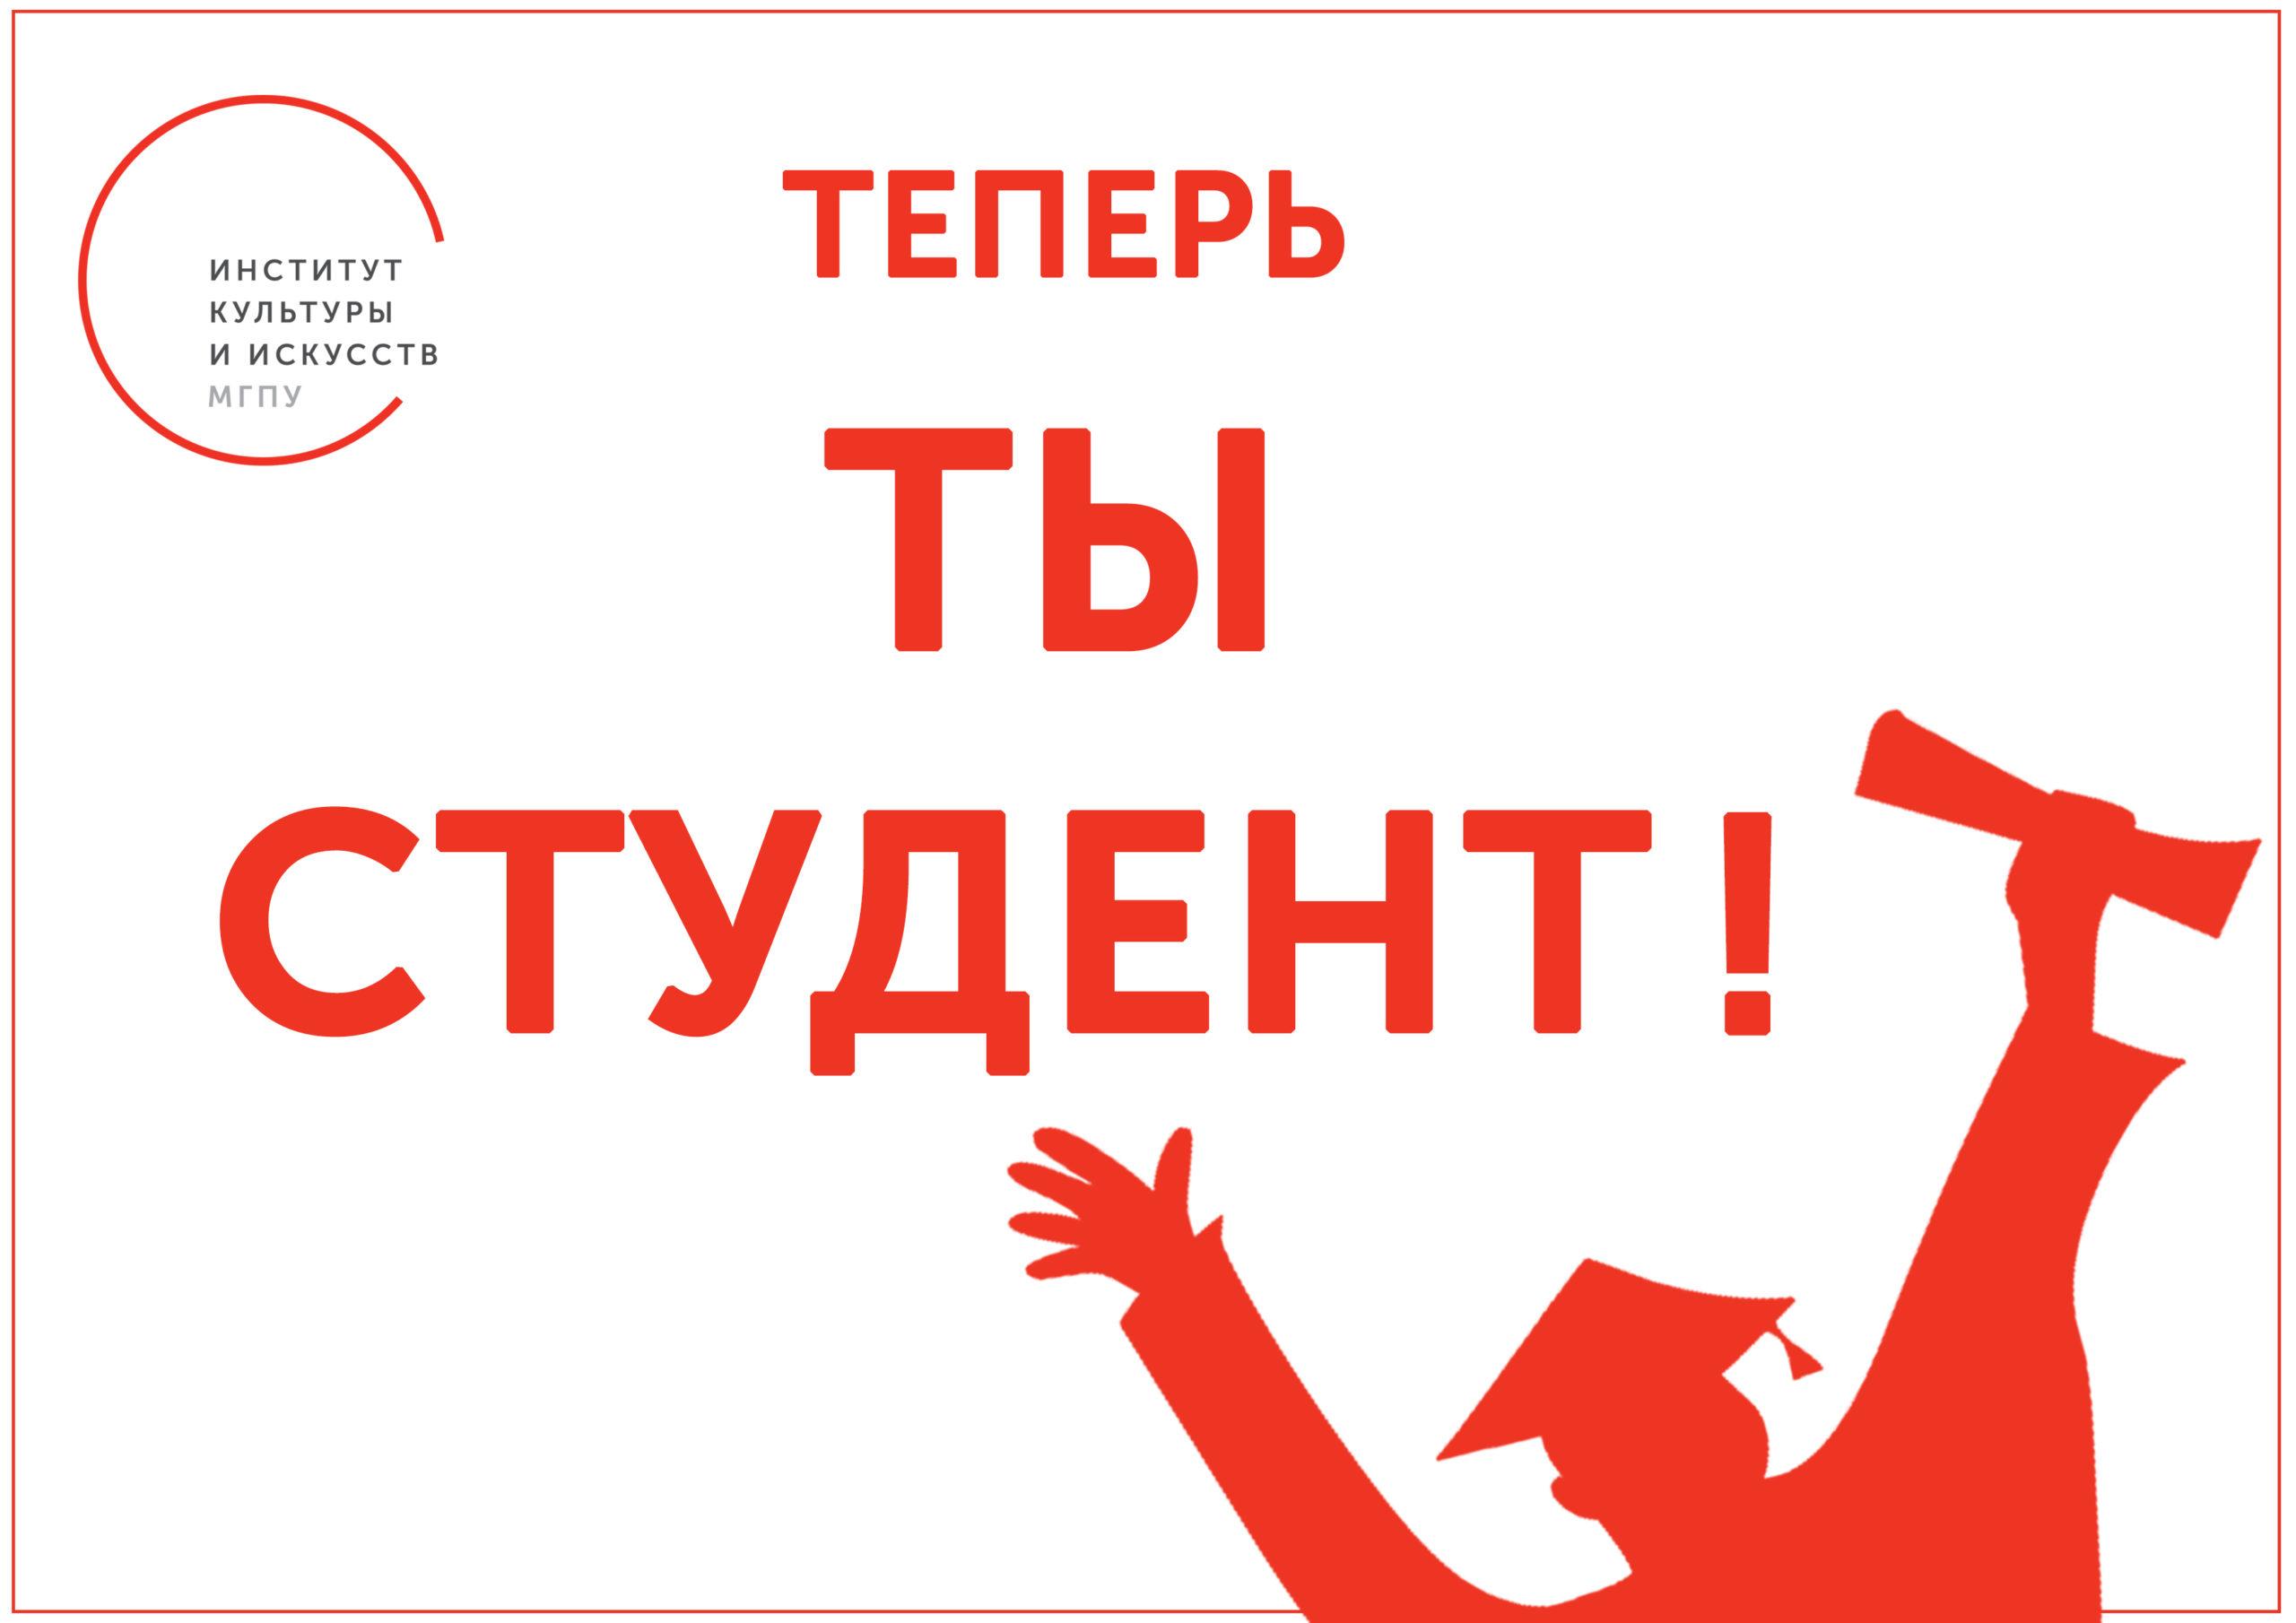 #ПервокурснИКИ | Добро пожаловать!